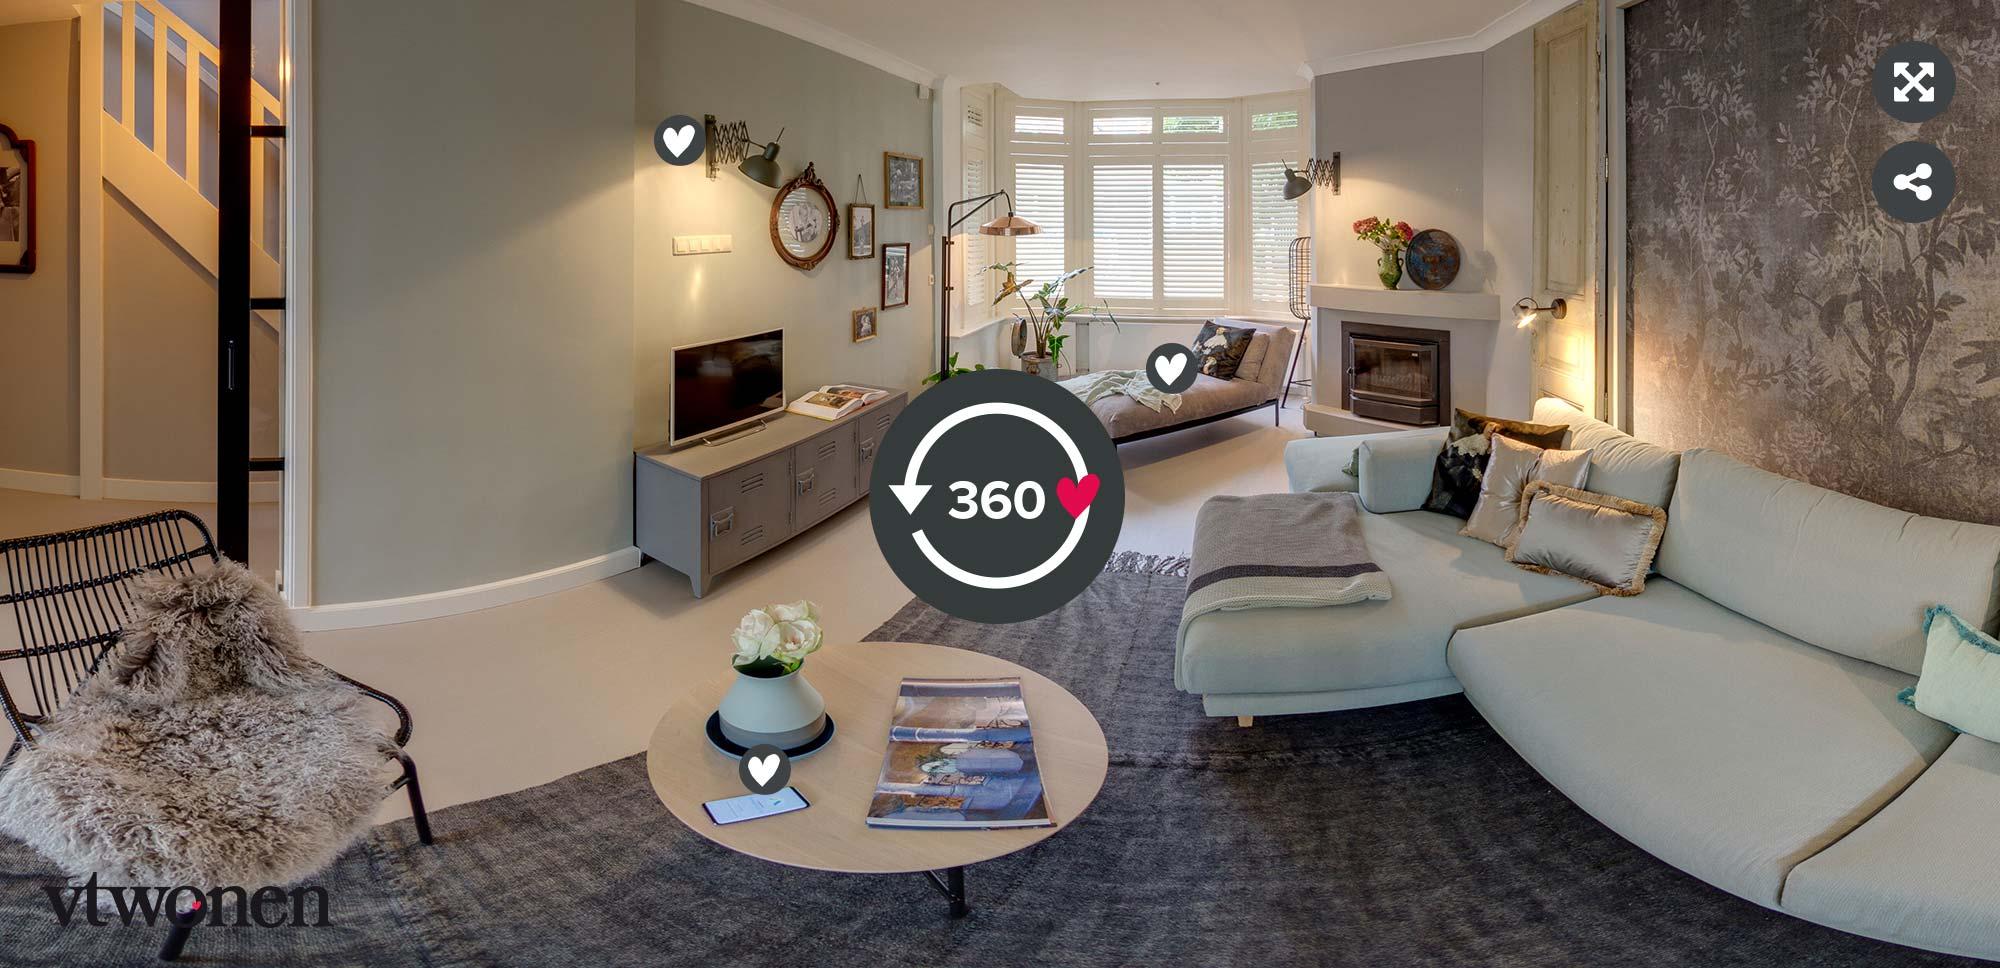 360 tour verbouwen of verhuizen aflevering 8